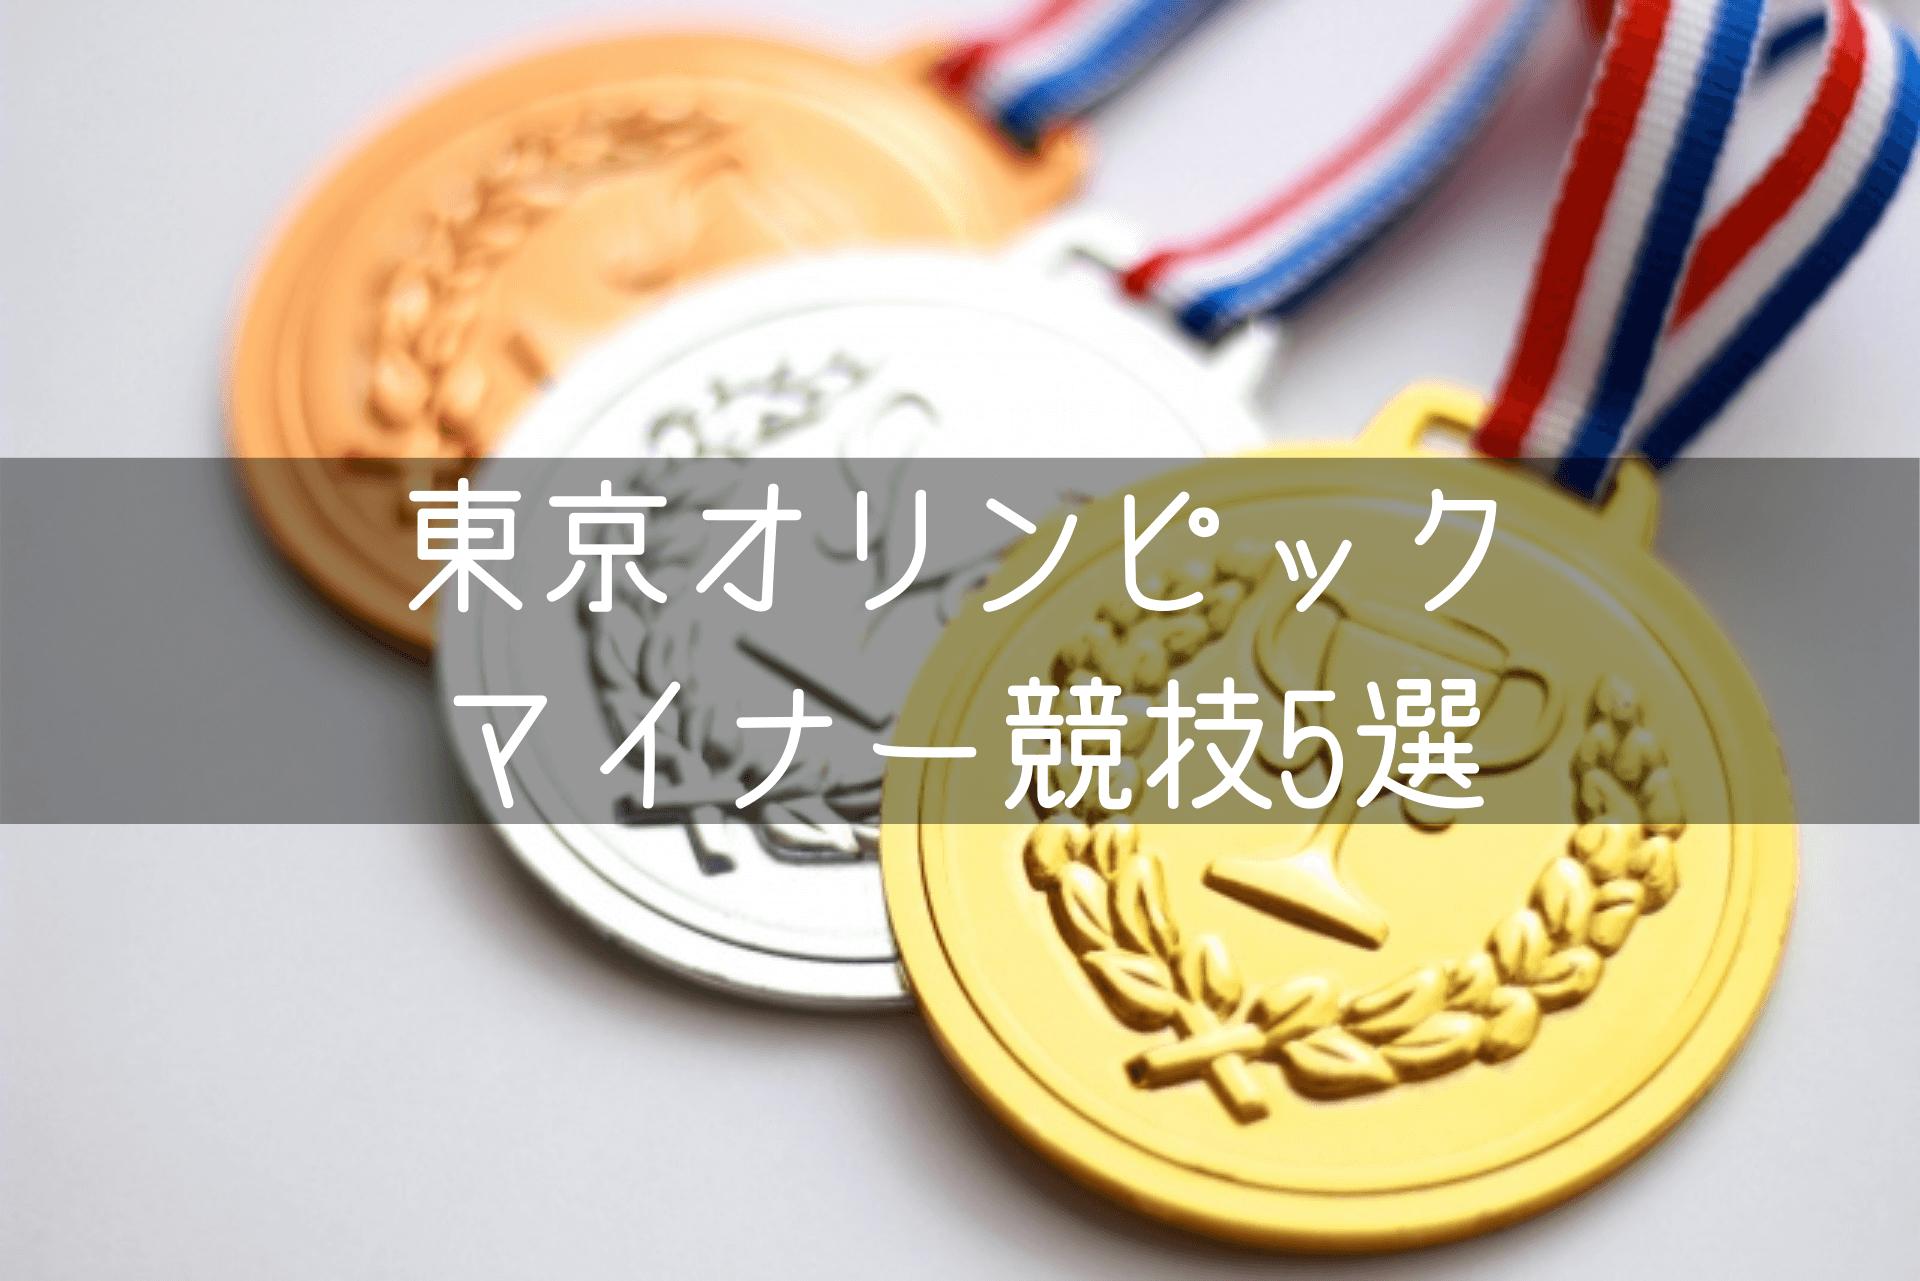 東京オリンピックマイナー競技5選